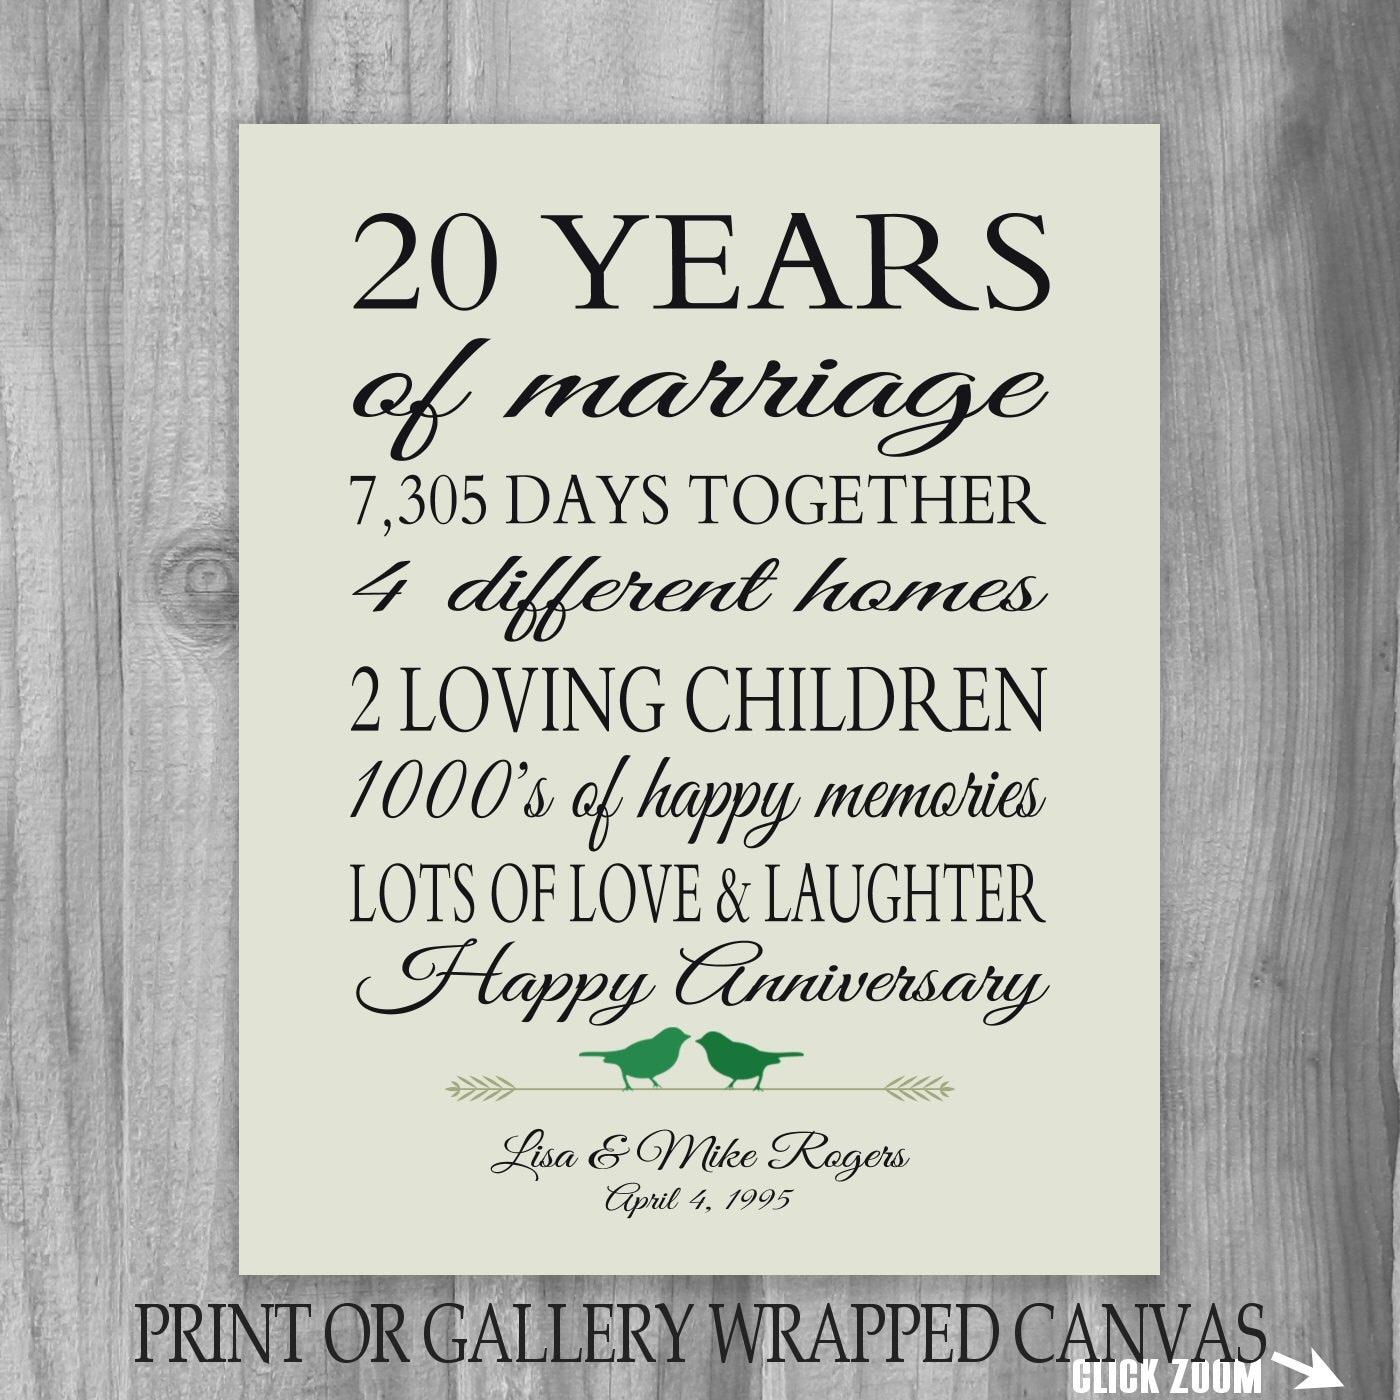 20 Years Wedding Anniversary Gifts: 20th Anniversary Gift 20 Year Anniversary Gift Canvas/ Print